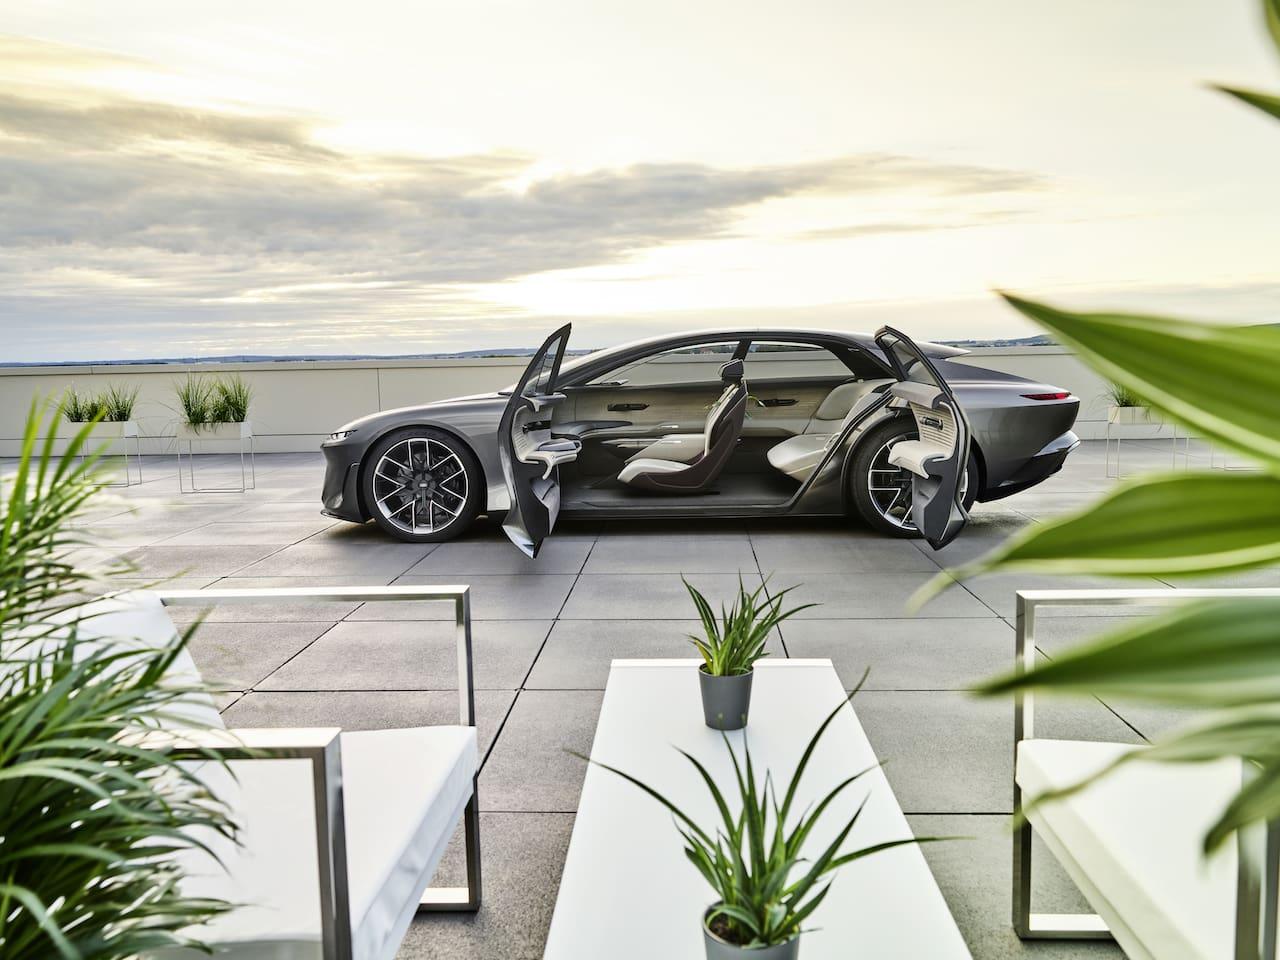 Audi Grandsphere (2025): Dieses Concept Car soll bald in Serie gehen